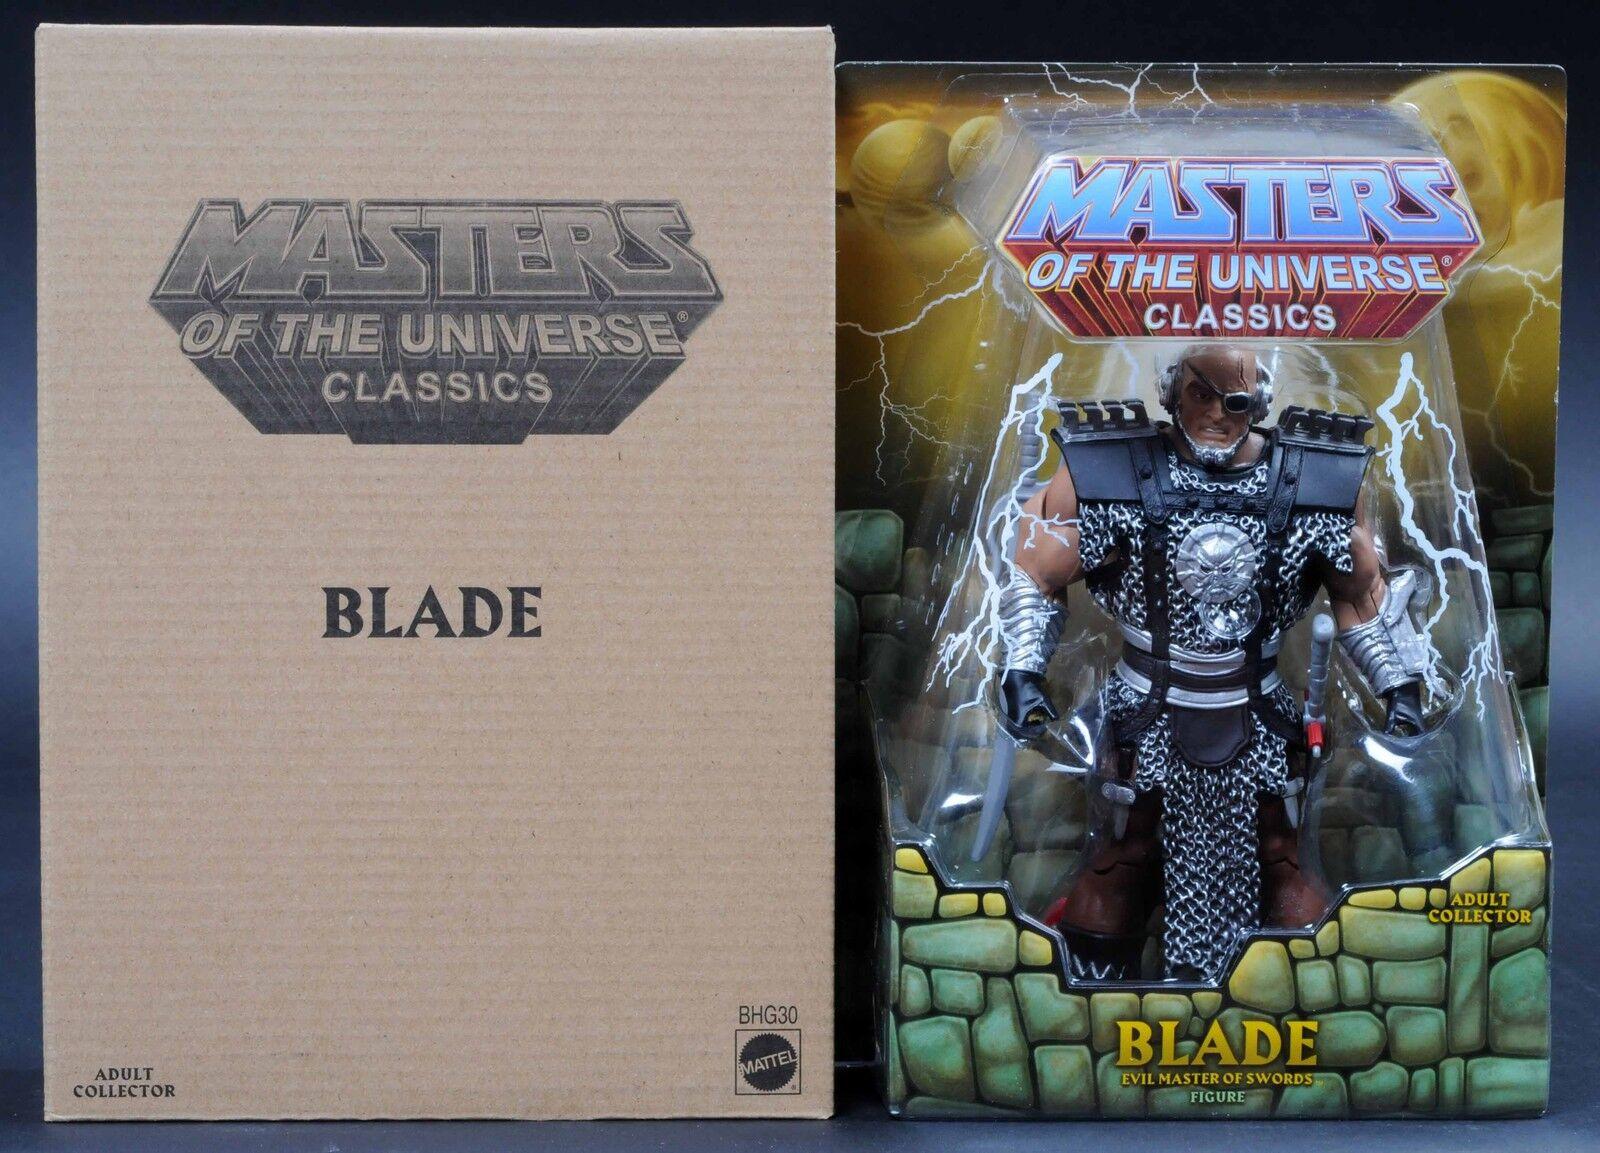 2014 Mattel Amos del Universo Hoja MotuC Masters Of The Universe Classics menta en tarjeta